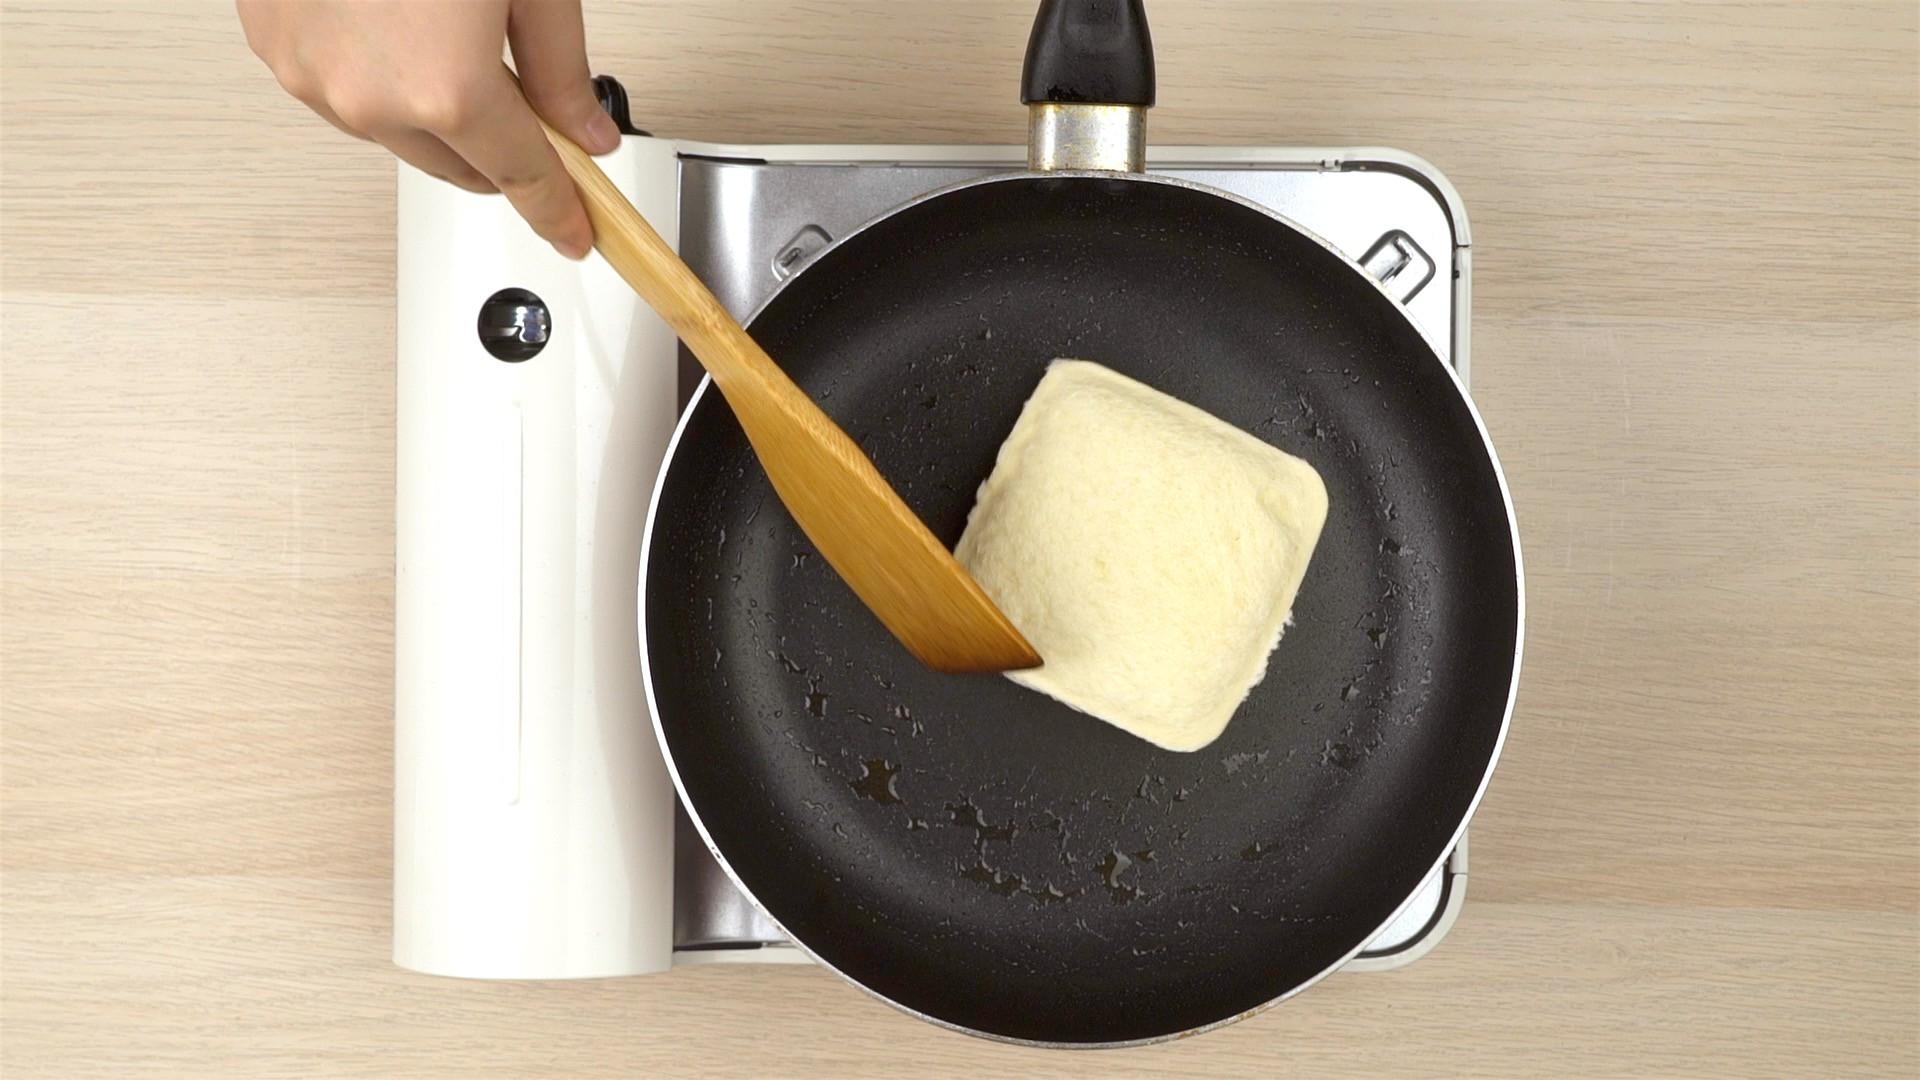 Bánh trân châu đường đen xưa rồi có món mới còn ngon và dễ làm hơn nhiều - Ảnh 5